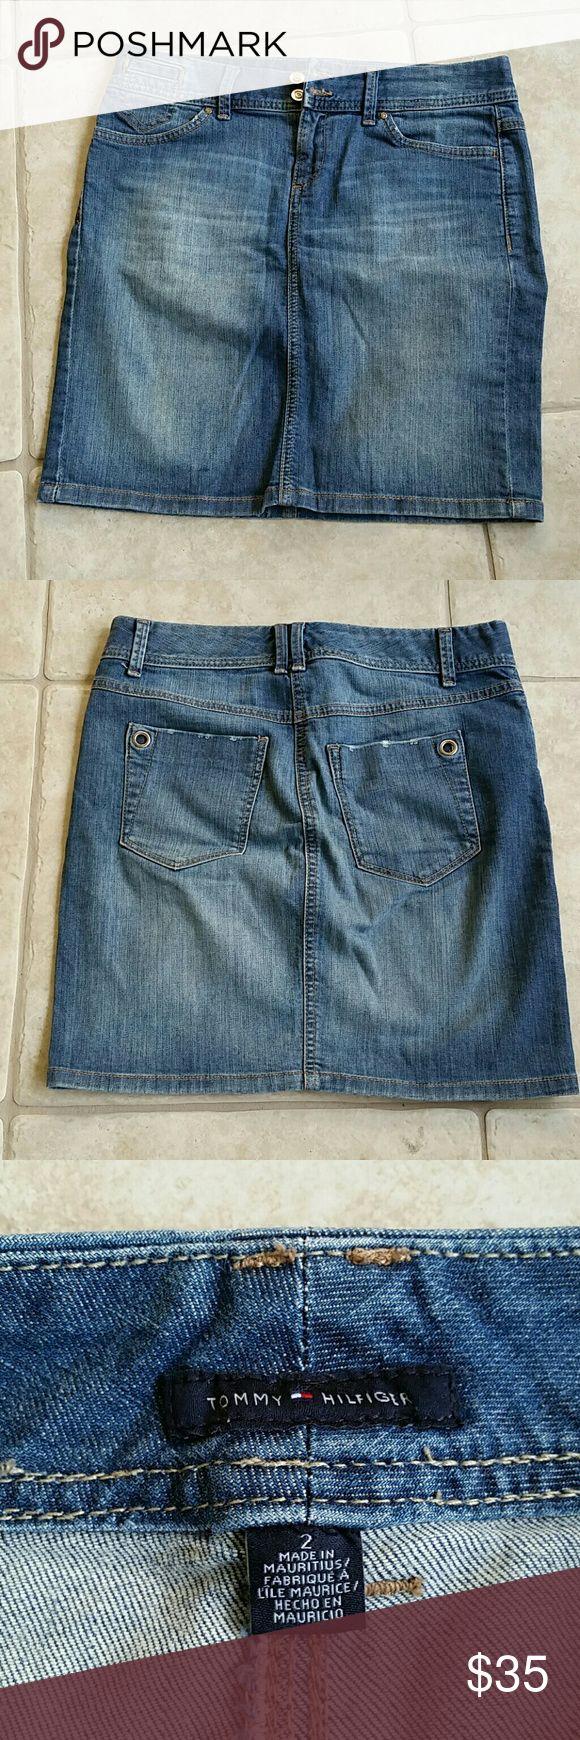 """Tommy Hillier Denim Skirt NEVER WORN Denim skirt, sits below waist. 17 1/4"""" long o.a., , 31"""" waist & 39"""" diameter at hem. 99% Cotton & 1% Lycra. Tommy Hilfiger Skirts Mini"""